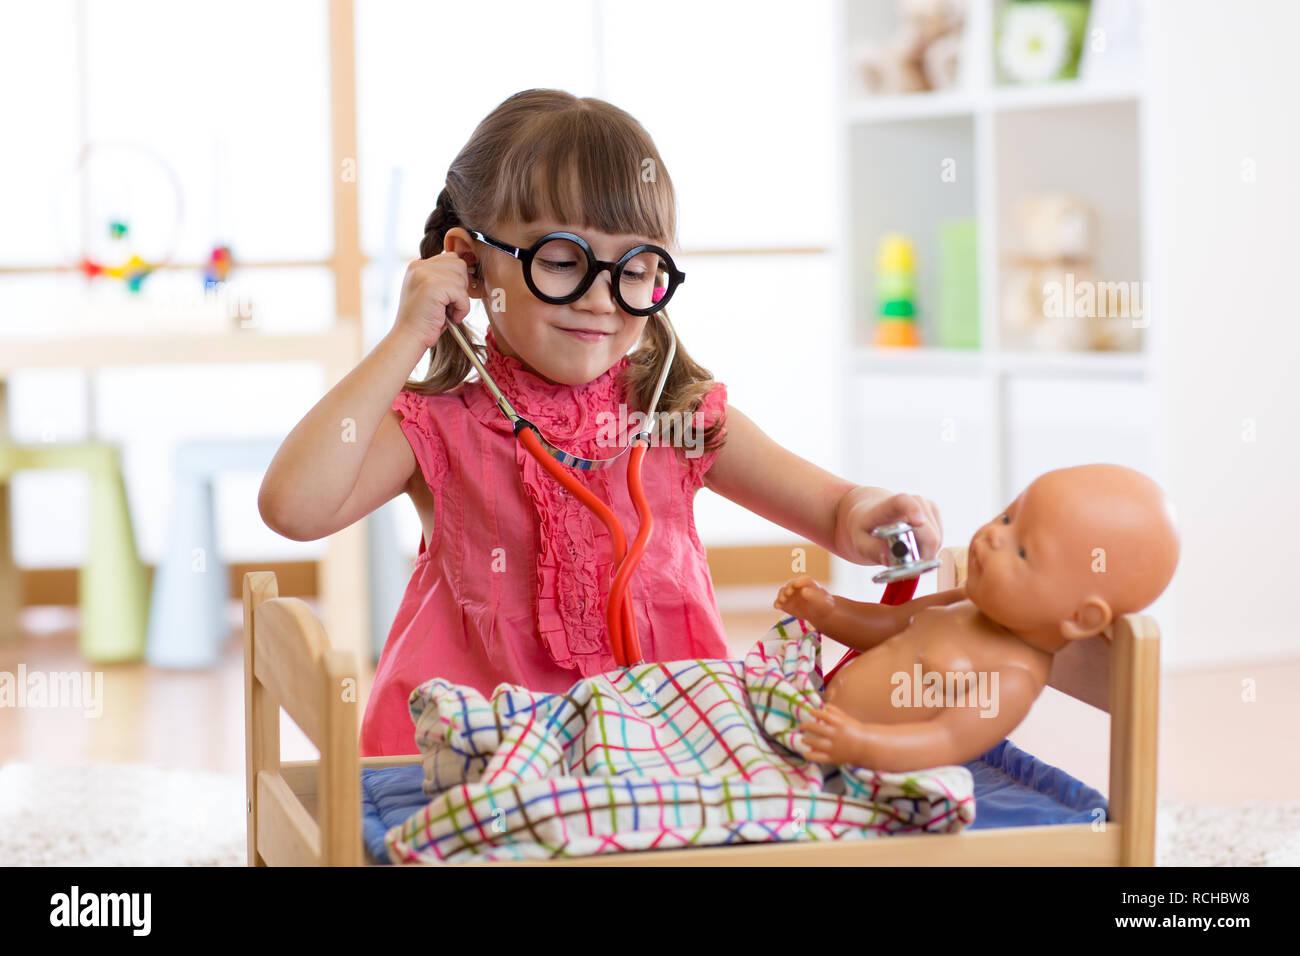 Portrait von glückliches Kind Mädchen 3 Jahre alt mit Brille ...